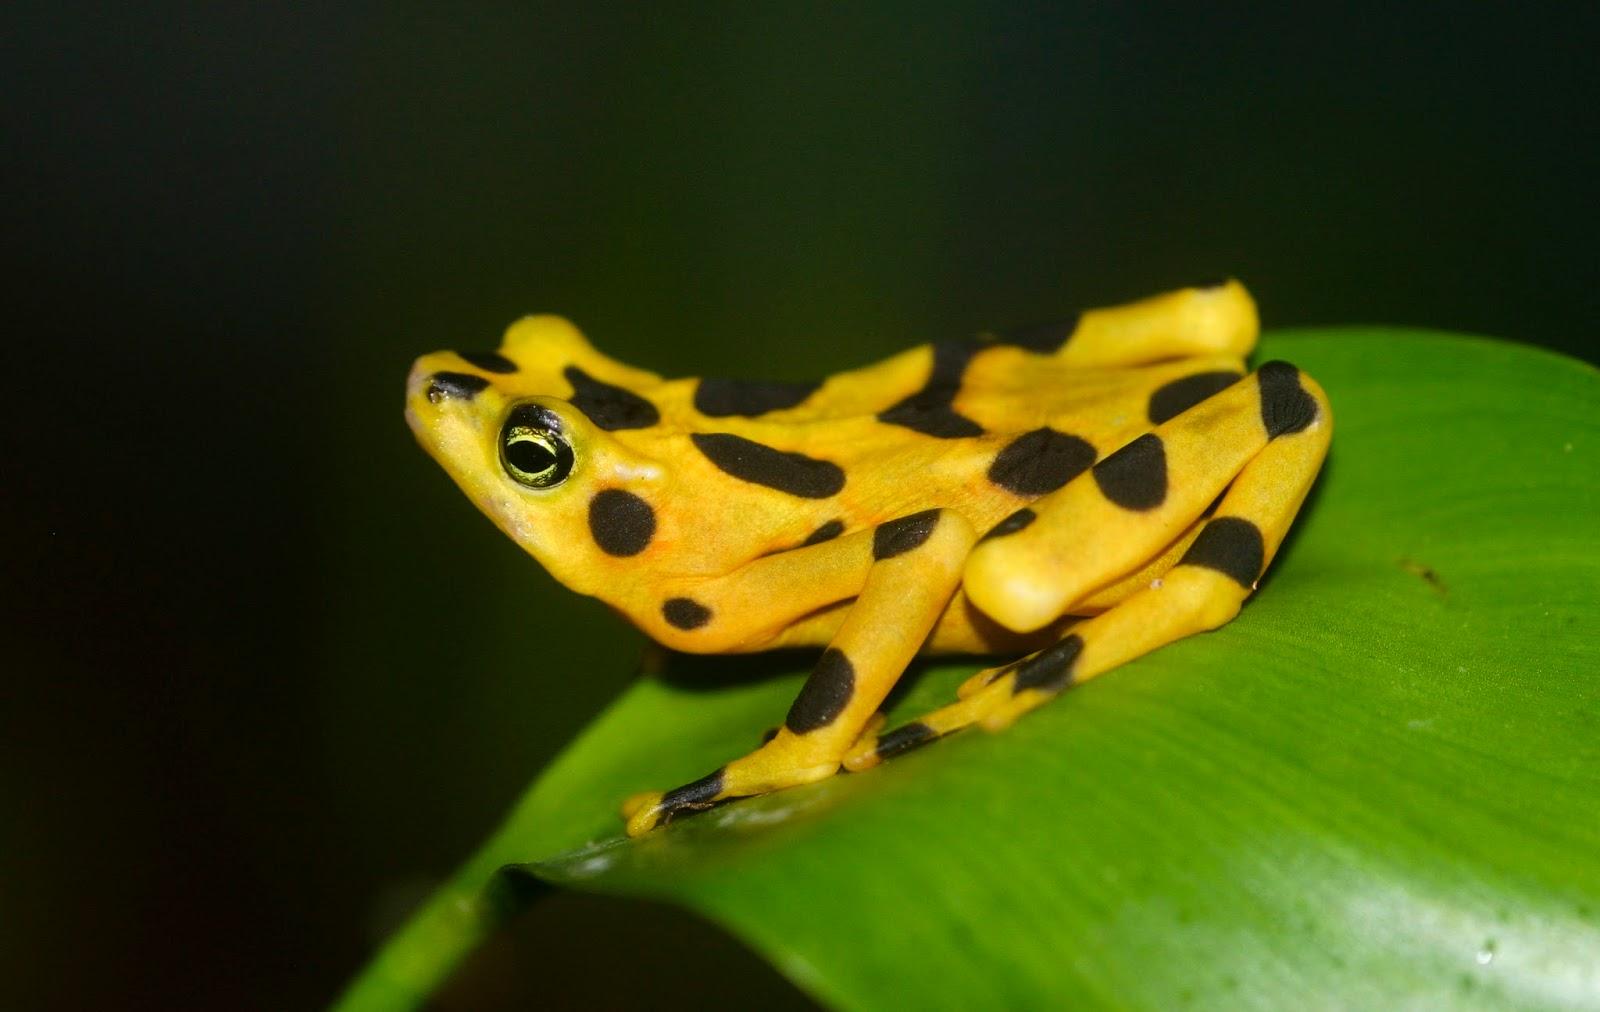 Amphibians: Atelopus zeteki